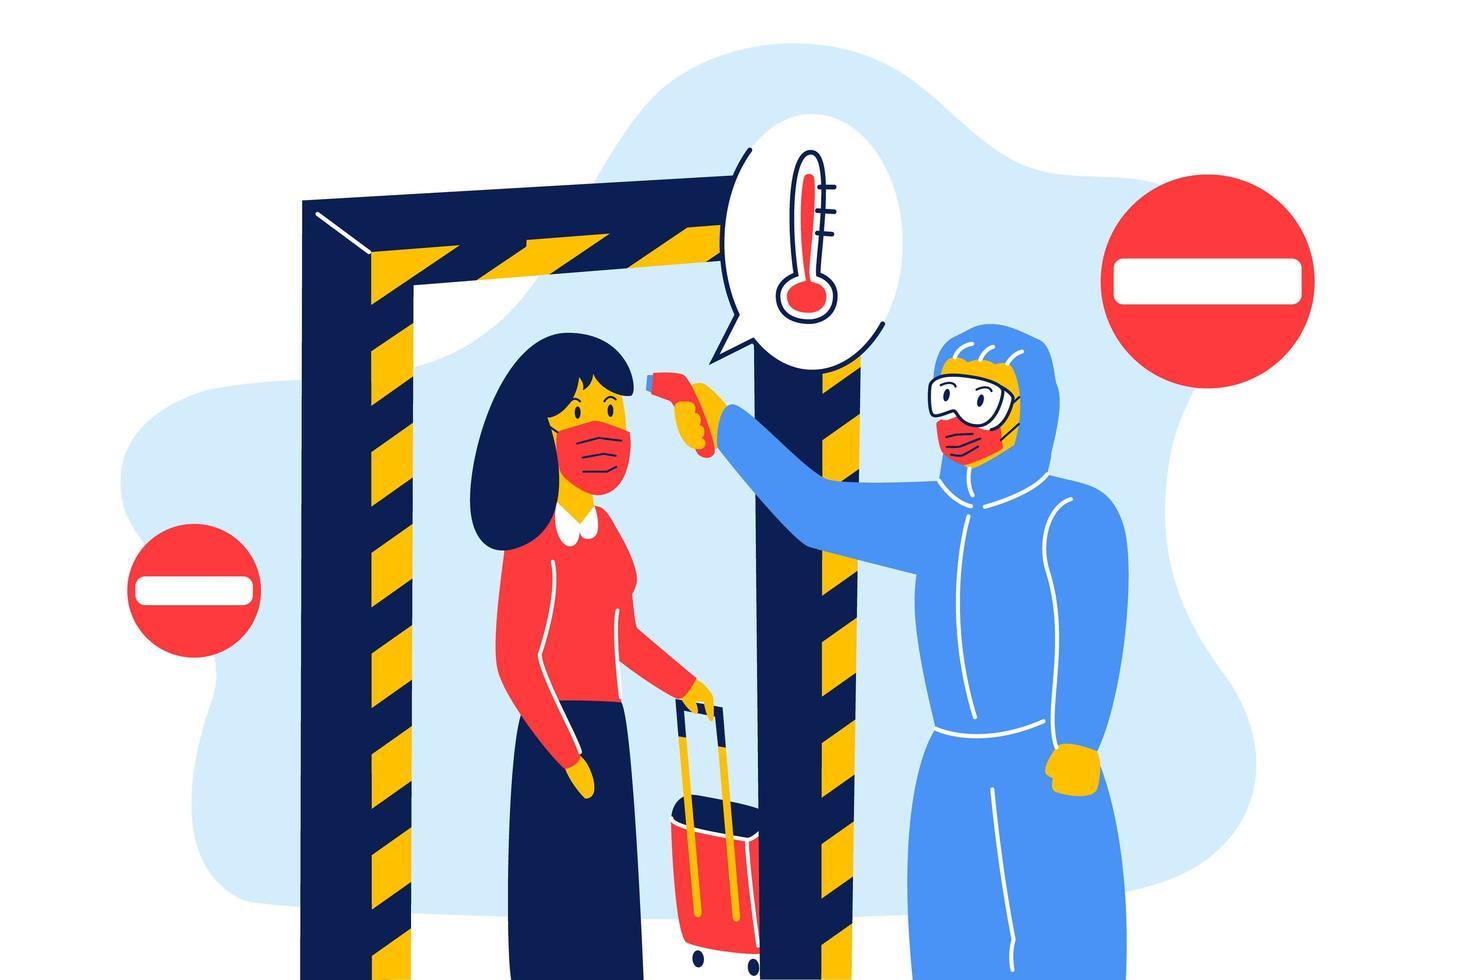 balayage thermique pour coronavirus ou covid-19 au checkpoint gate vecteur